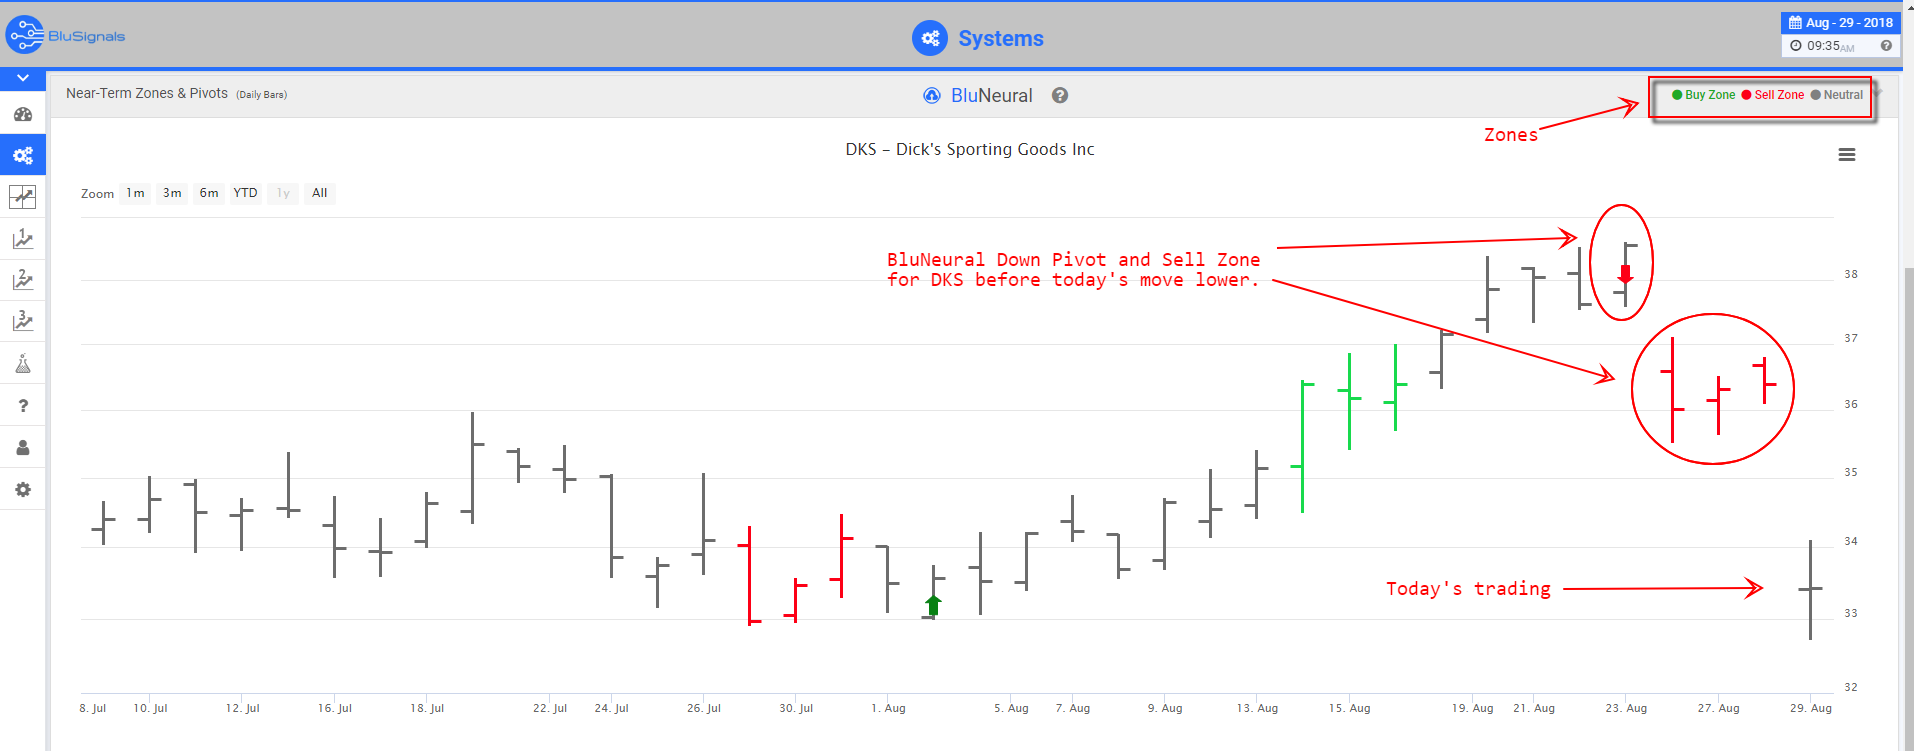 DKS Trade Signals